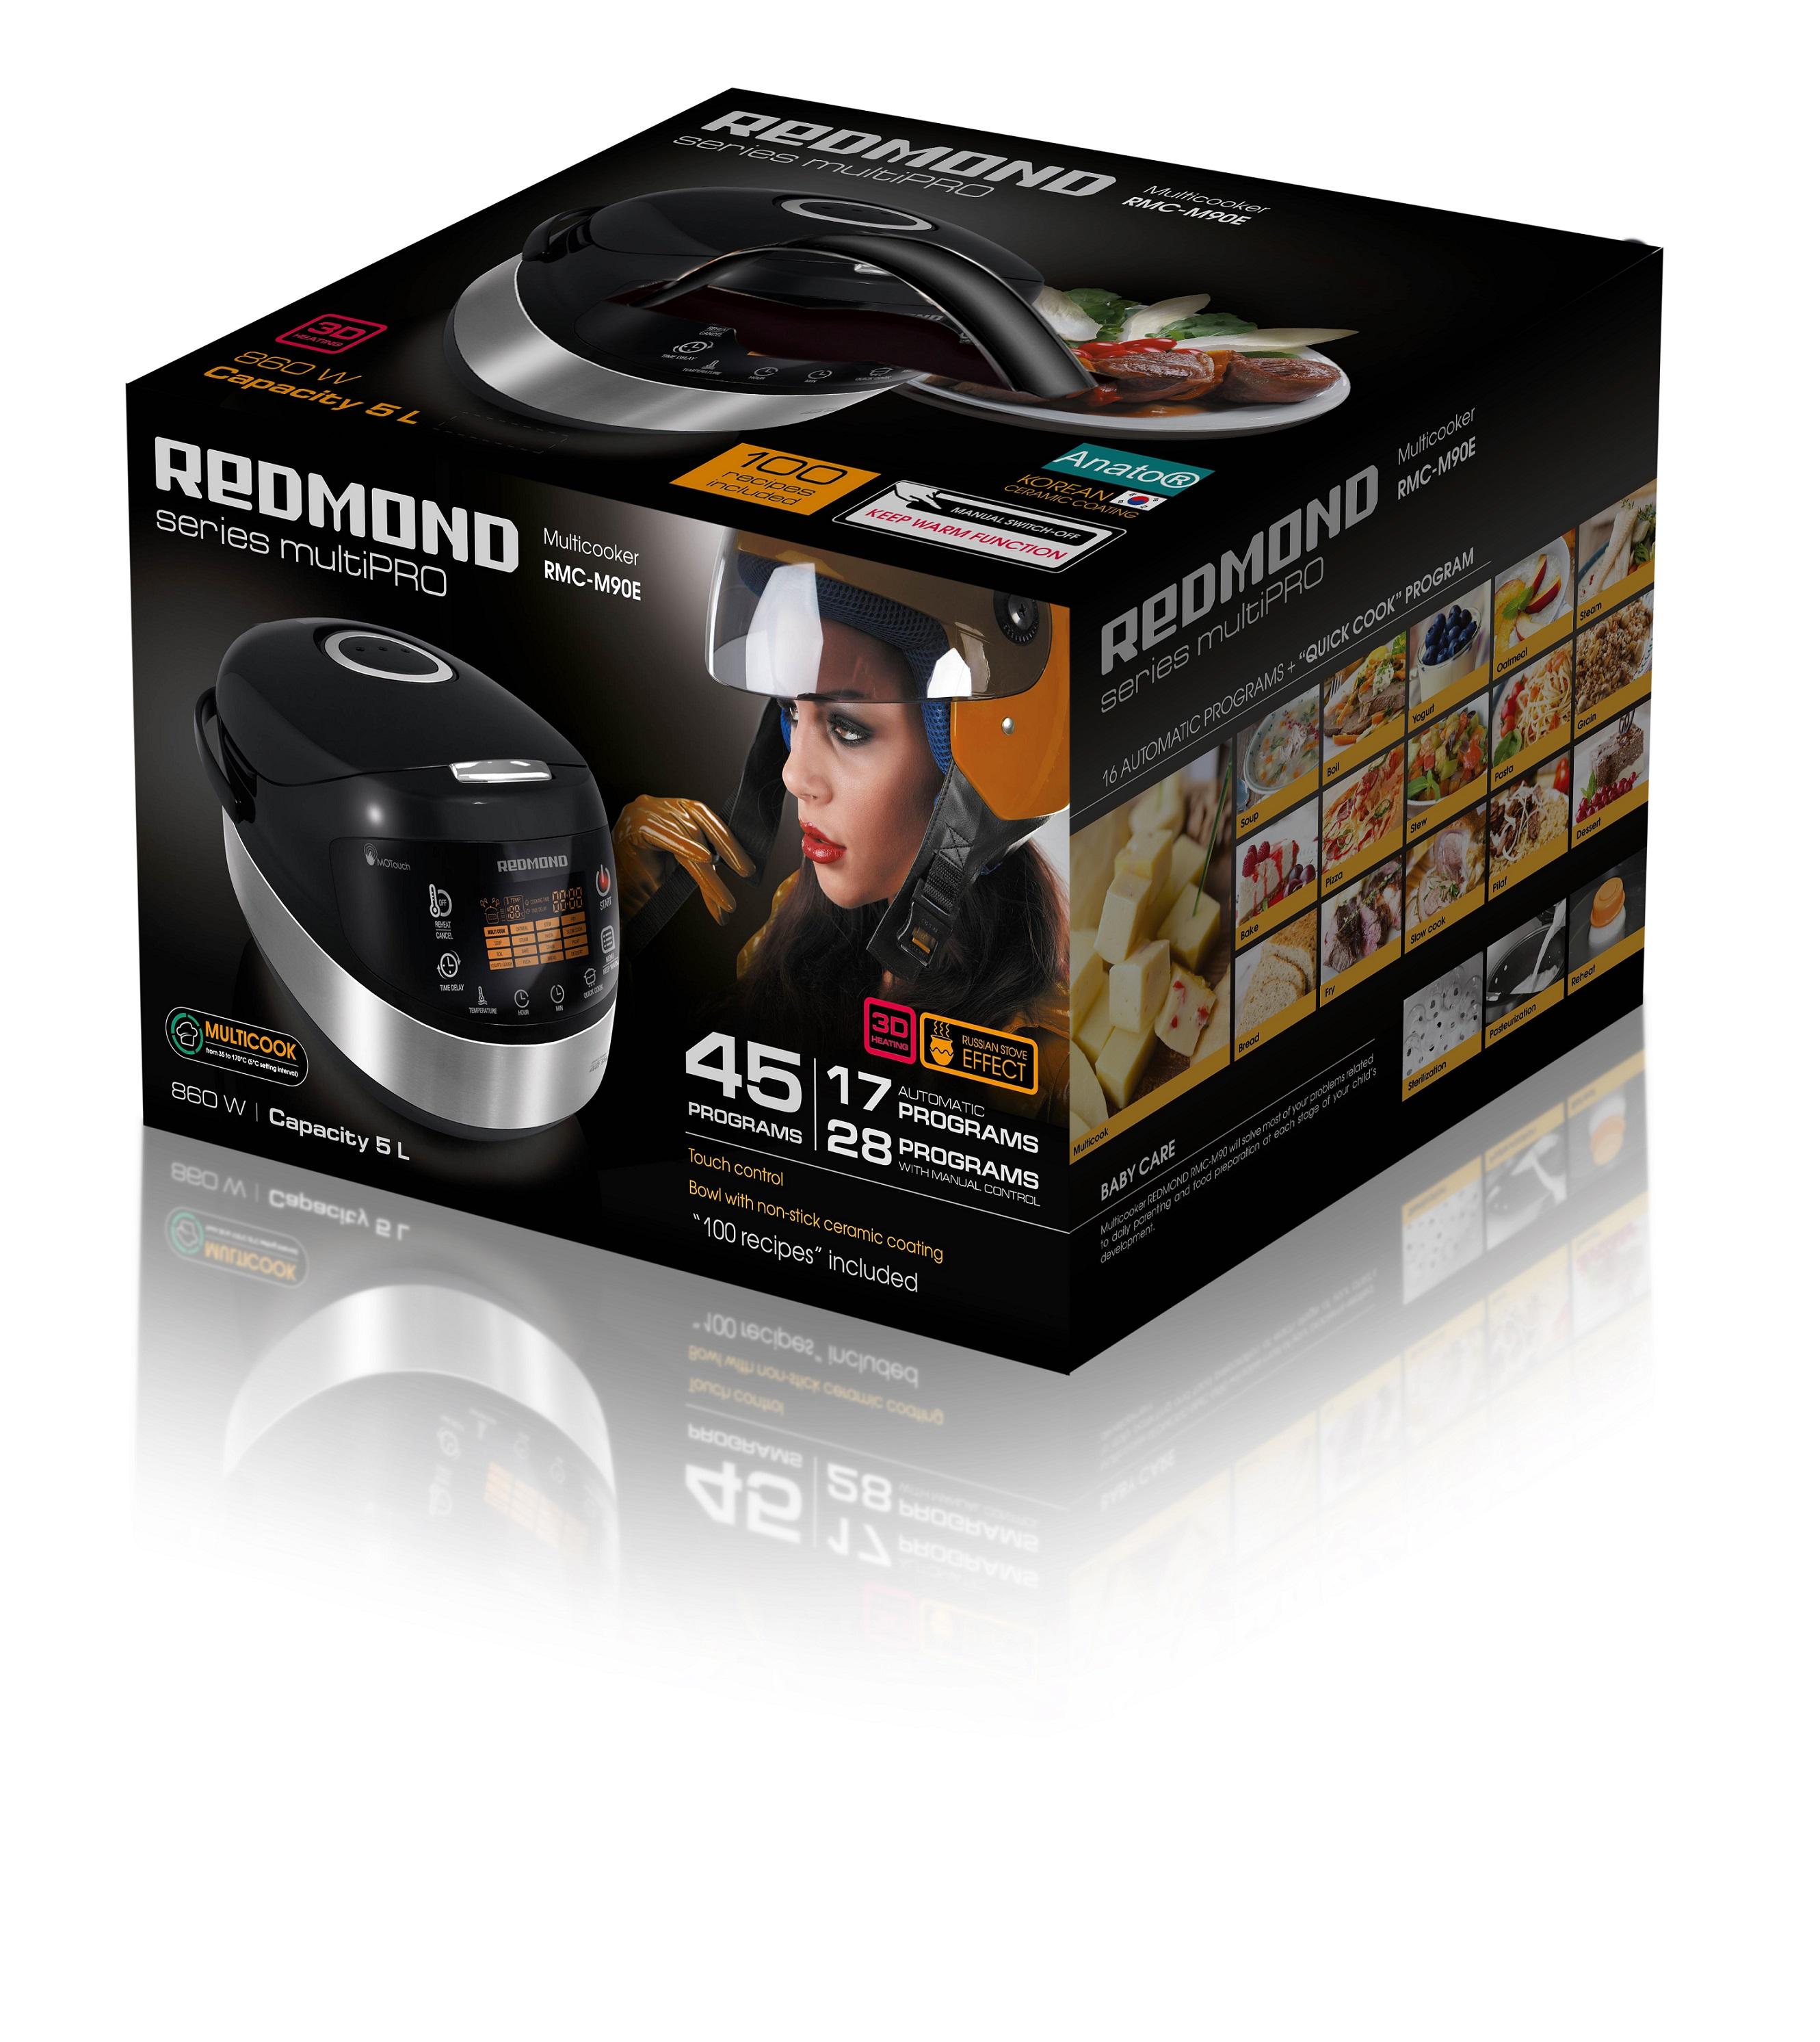 Счастье – есть!!! Подарок компании REDMOND израильским женщинам к празднику 8 Марта. Мультиварка REDMOND M90 всего за 600 шек.